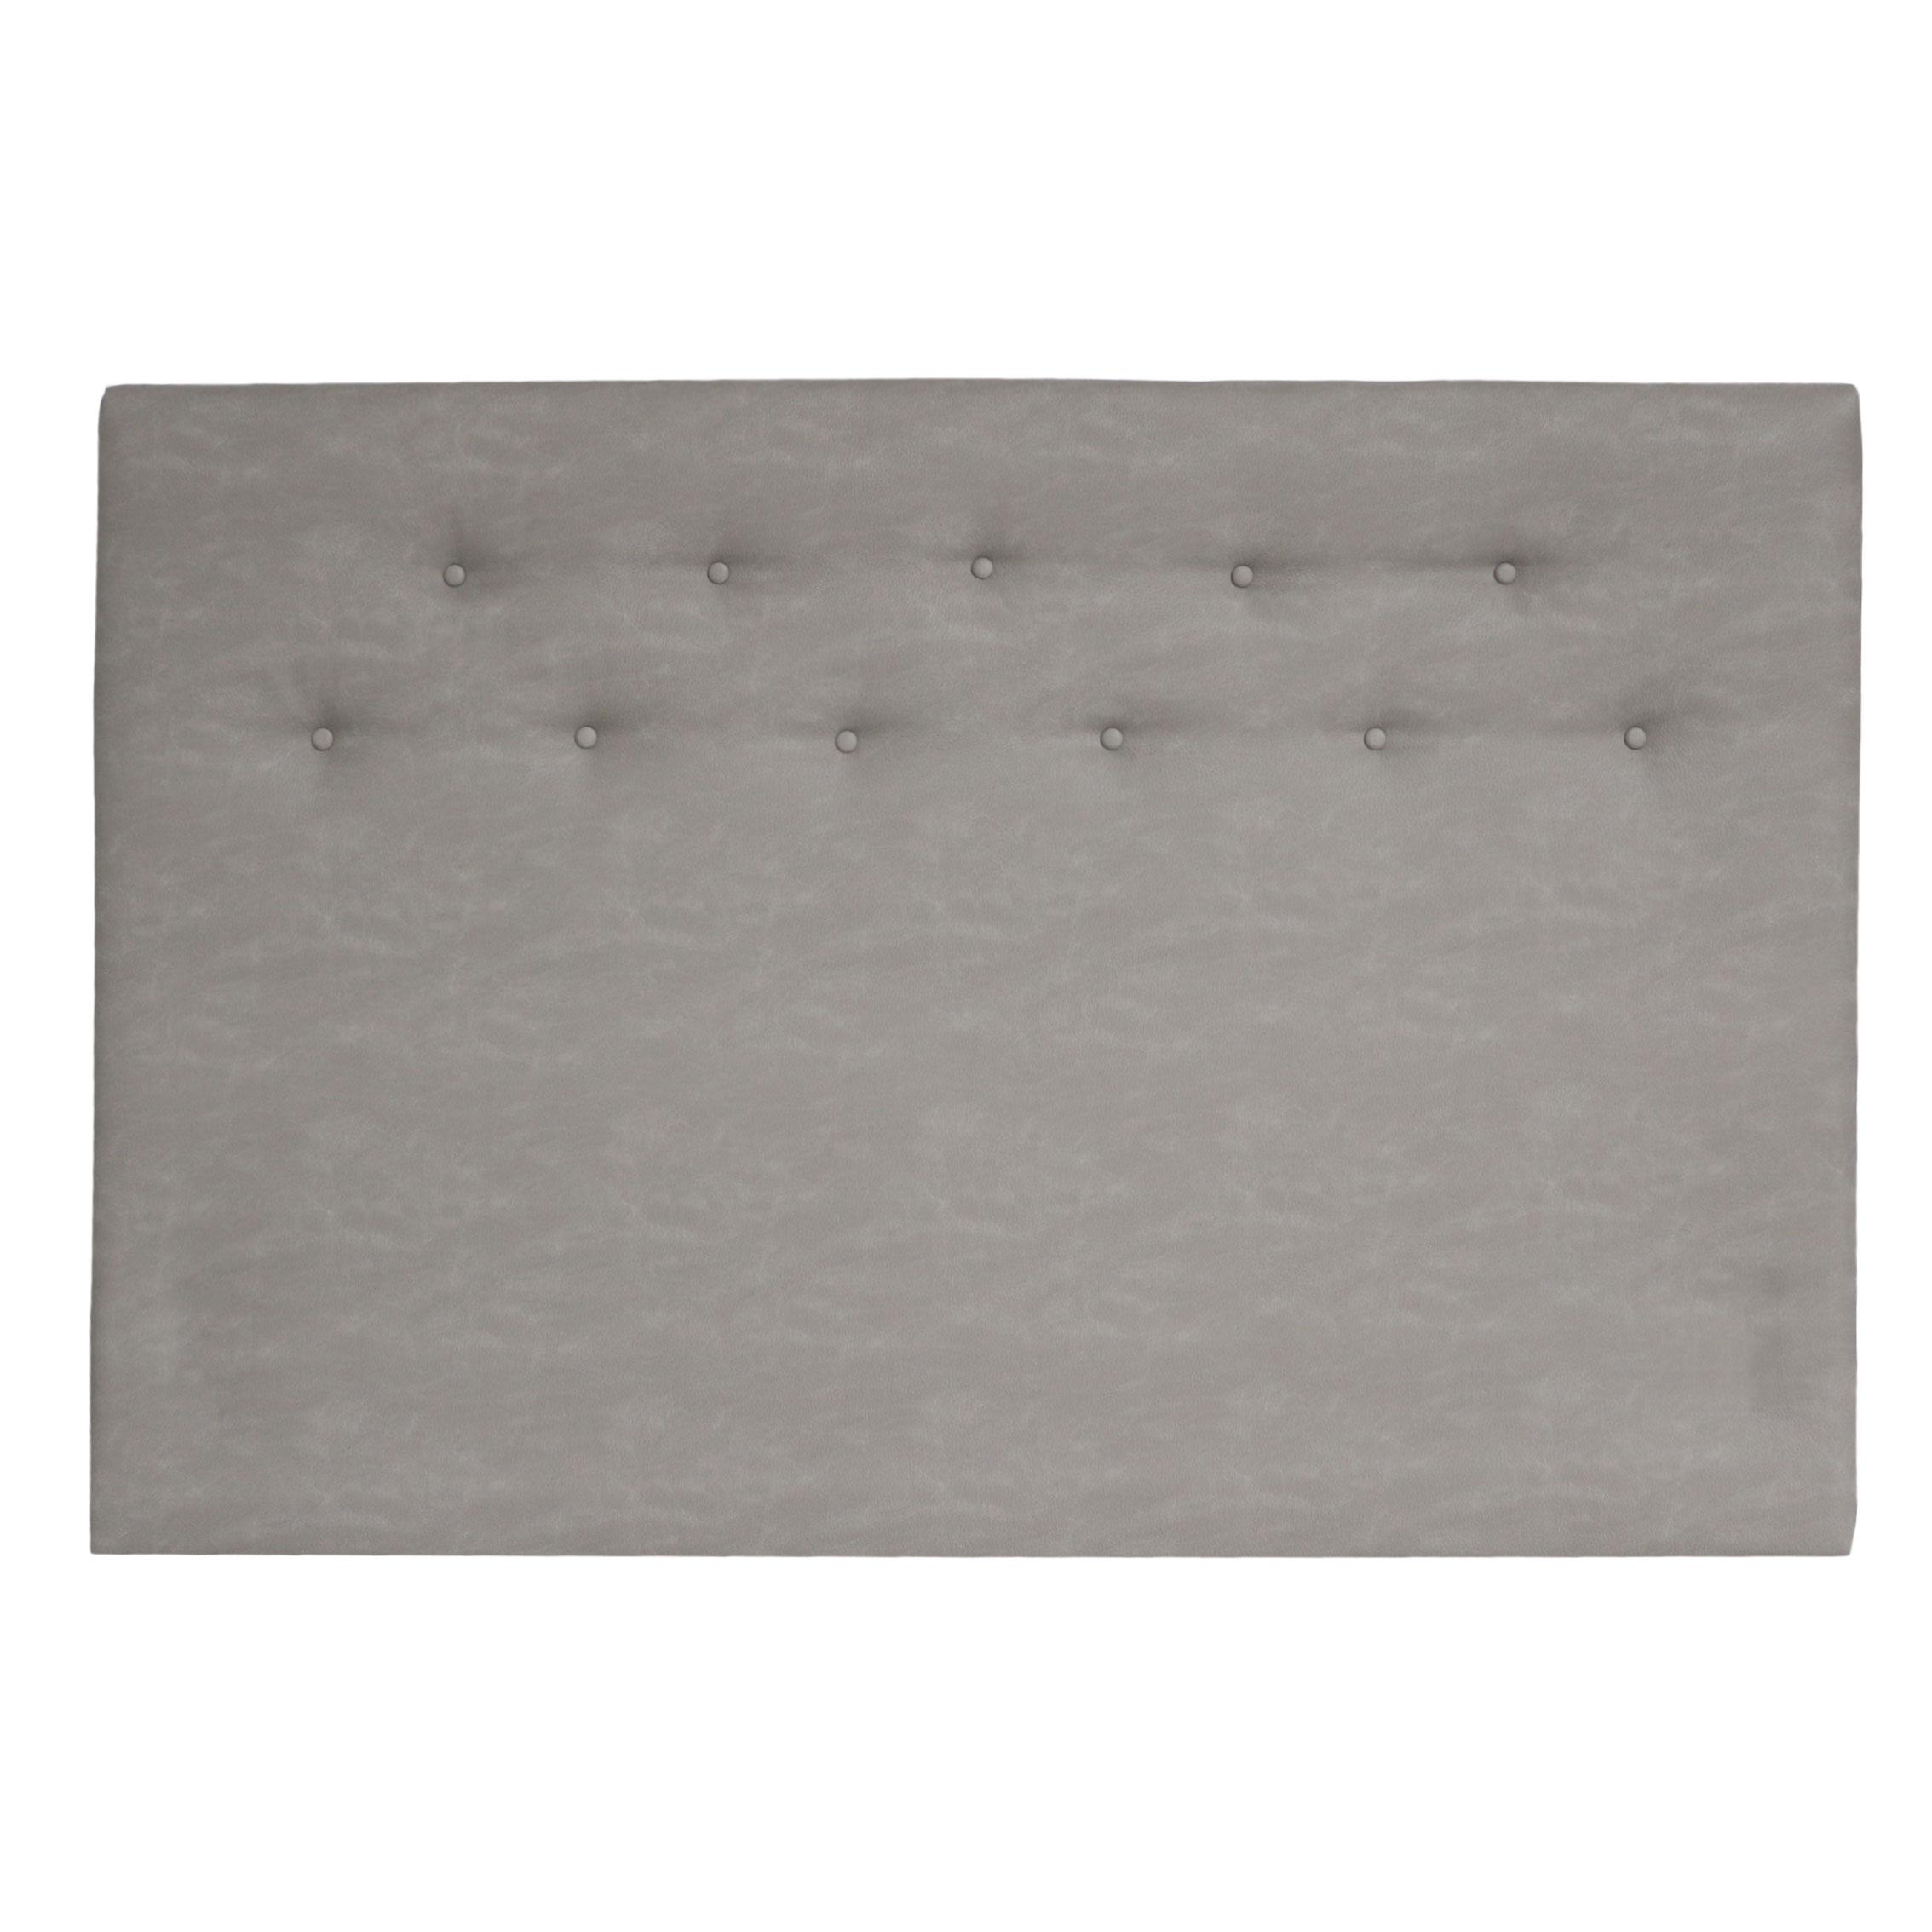 Tête de lit KERRY gris